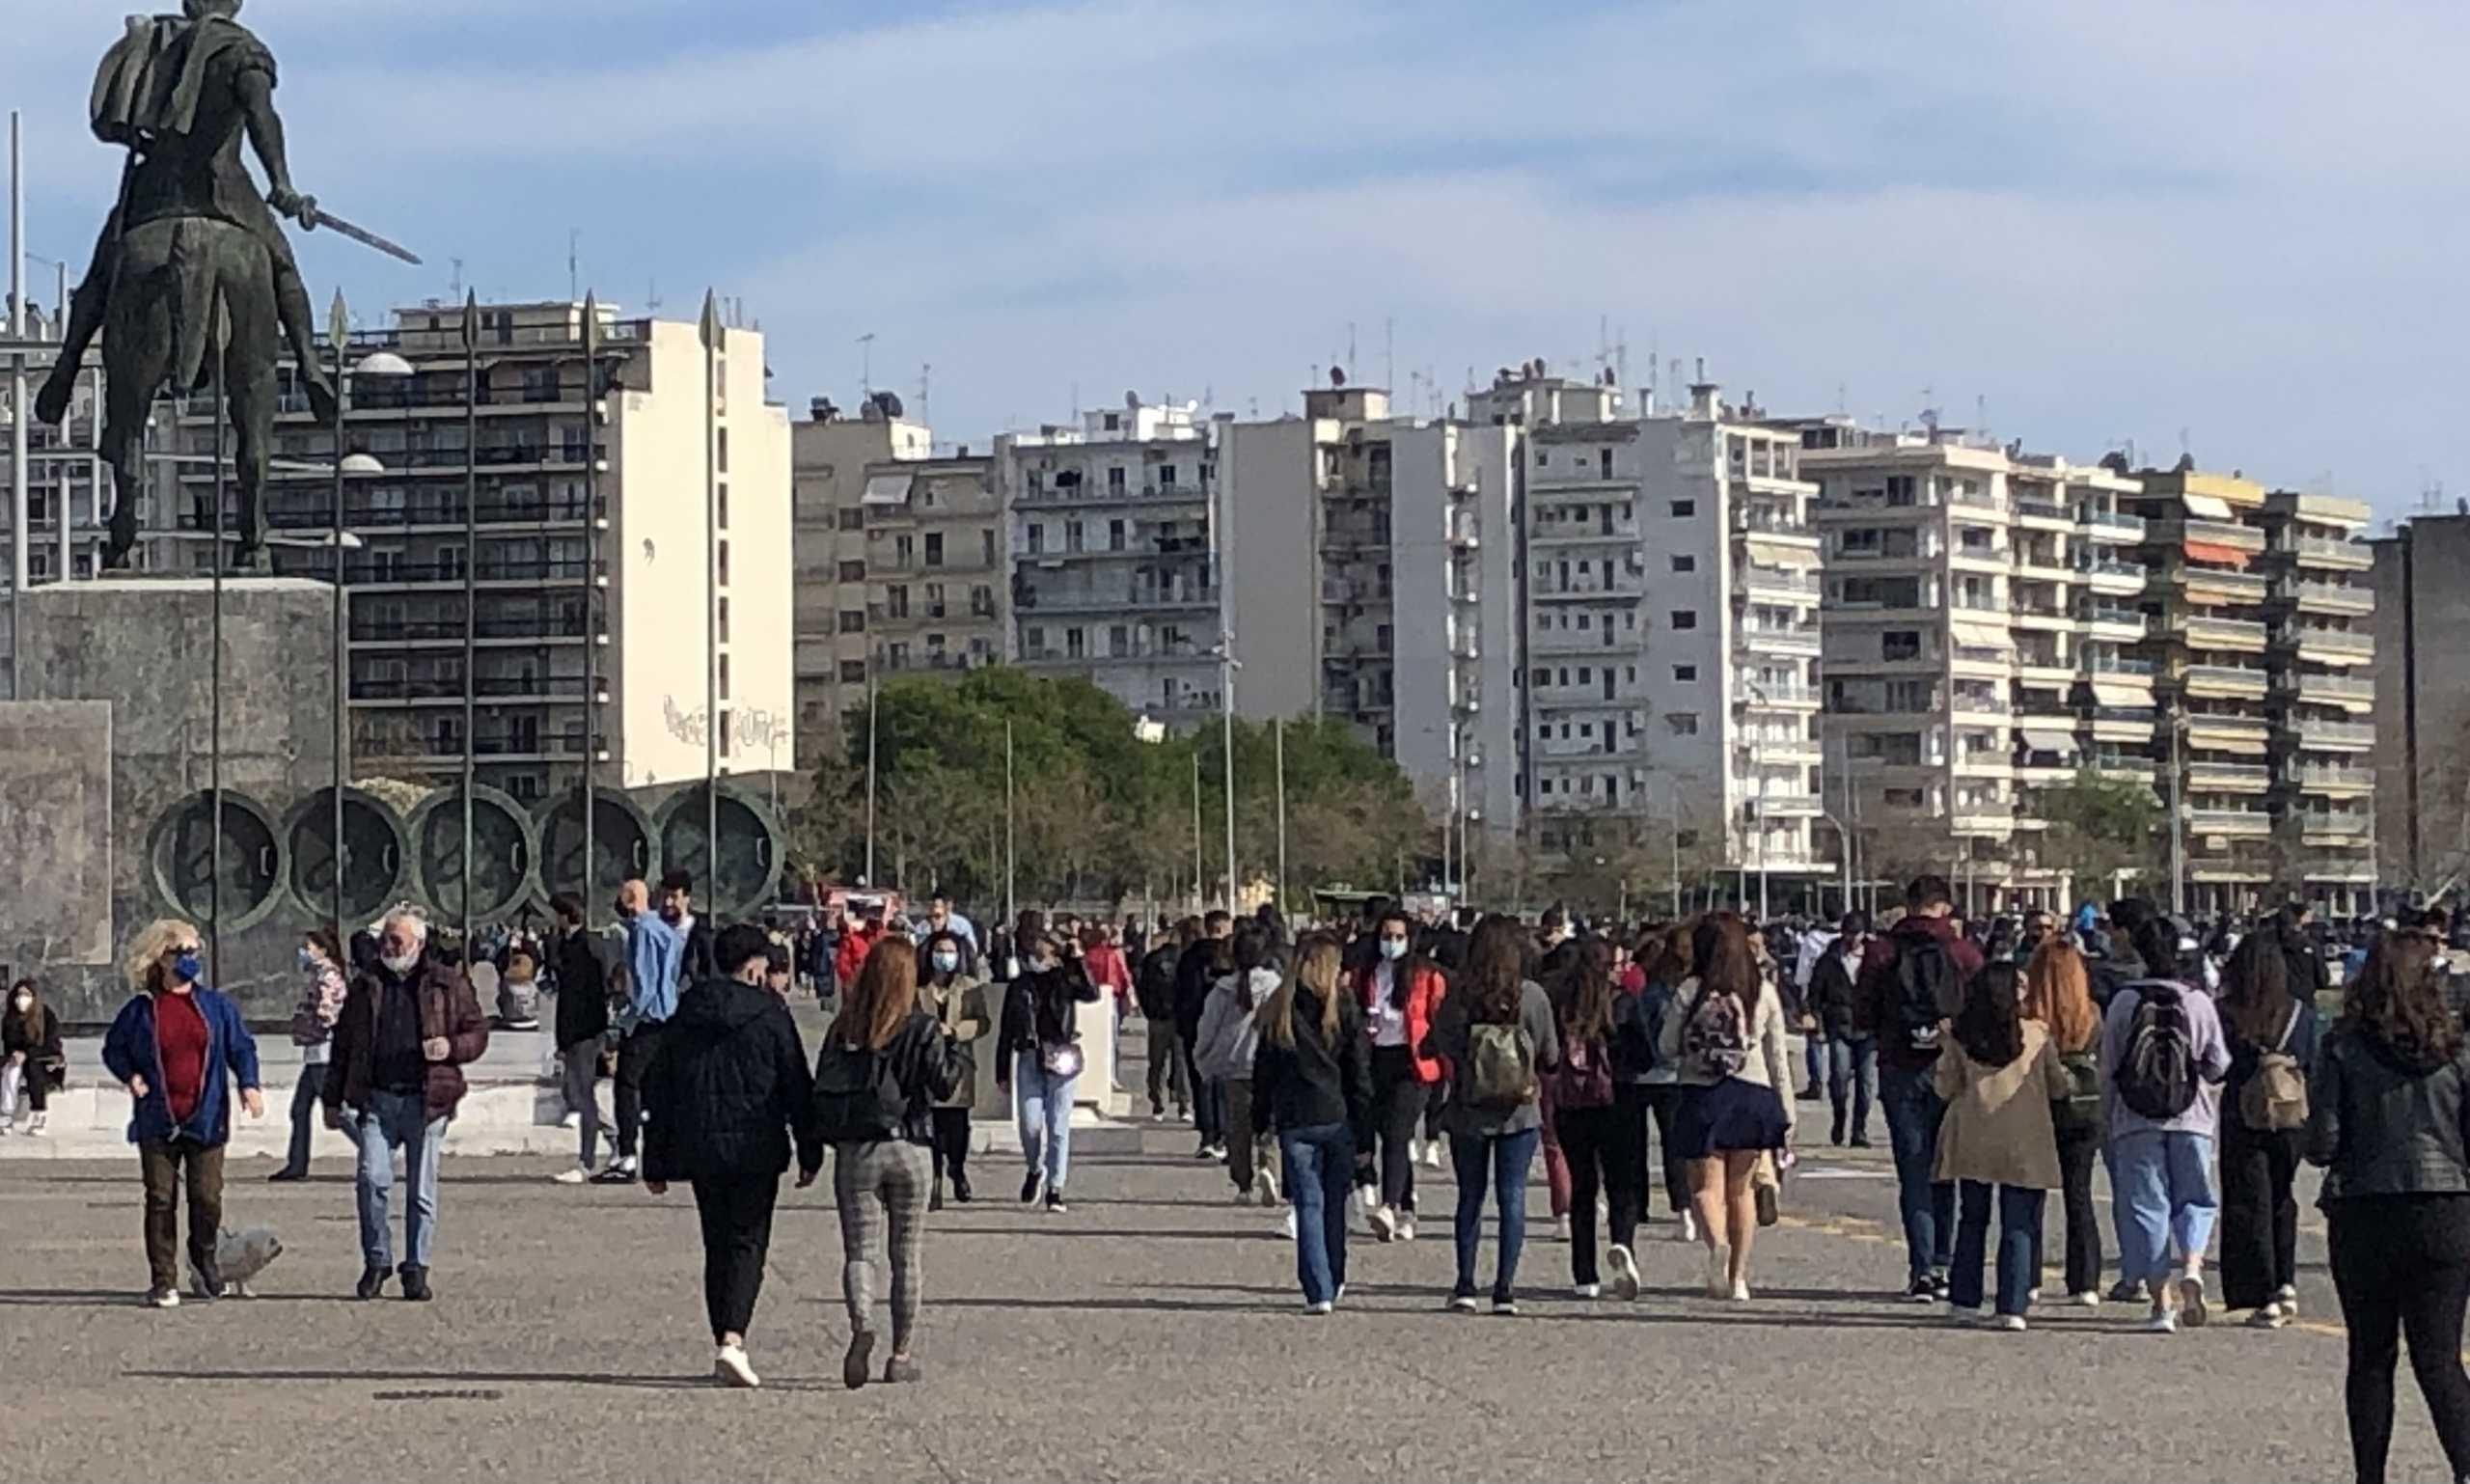 Θεσσαλονίκη: Βόλτες στην παραλία – Αυξήθηκε ο κόσμος από το μεσημέρι και μετά (pics)